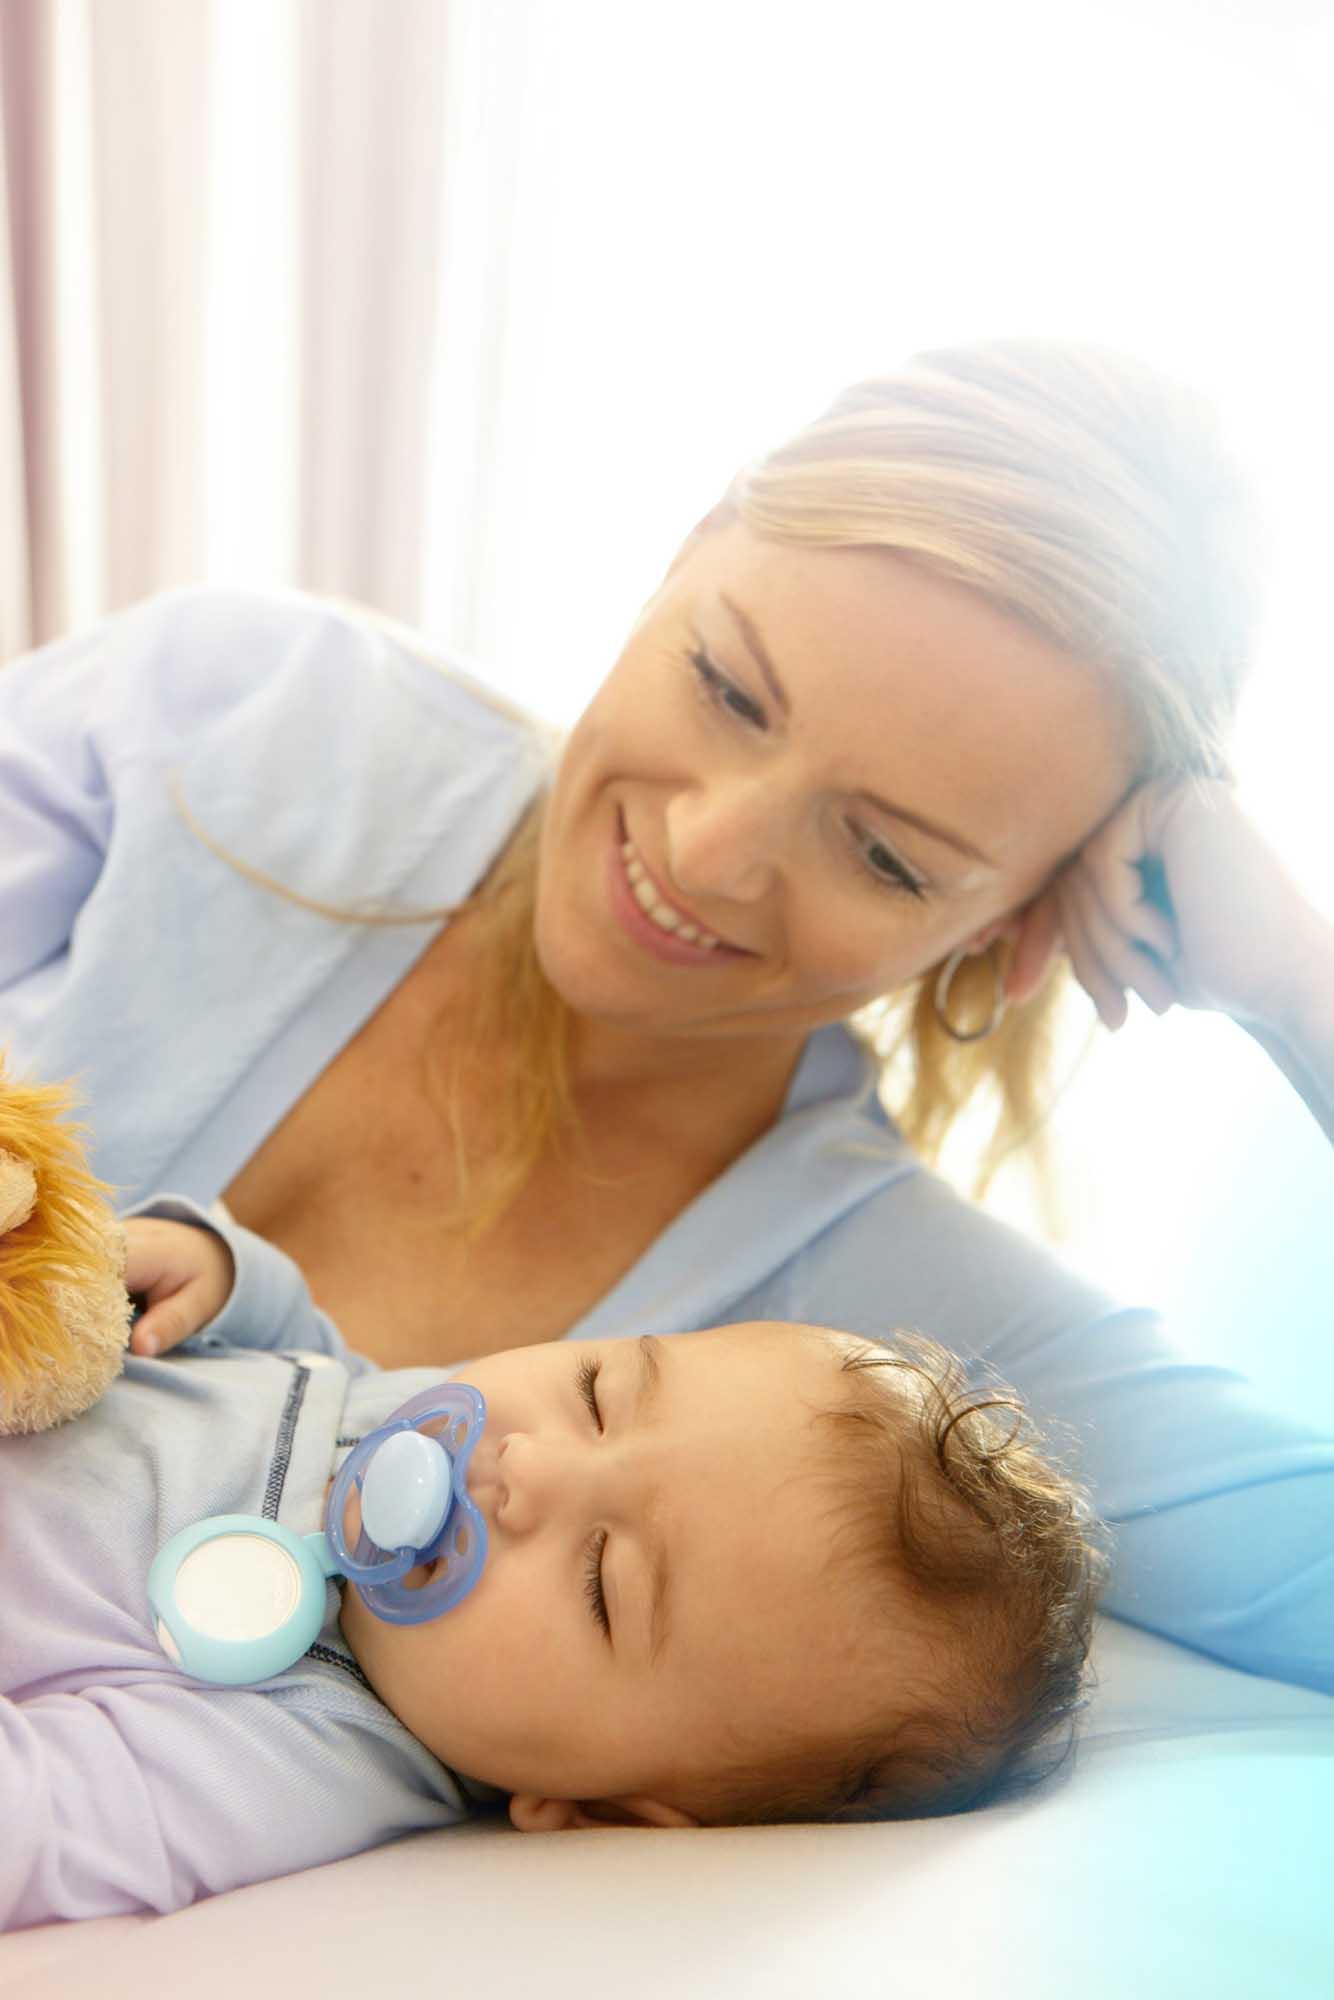 想同小朋友影可愛笑容靚相? 4款攝影及嬰幼兒產品幫到你